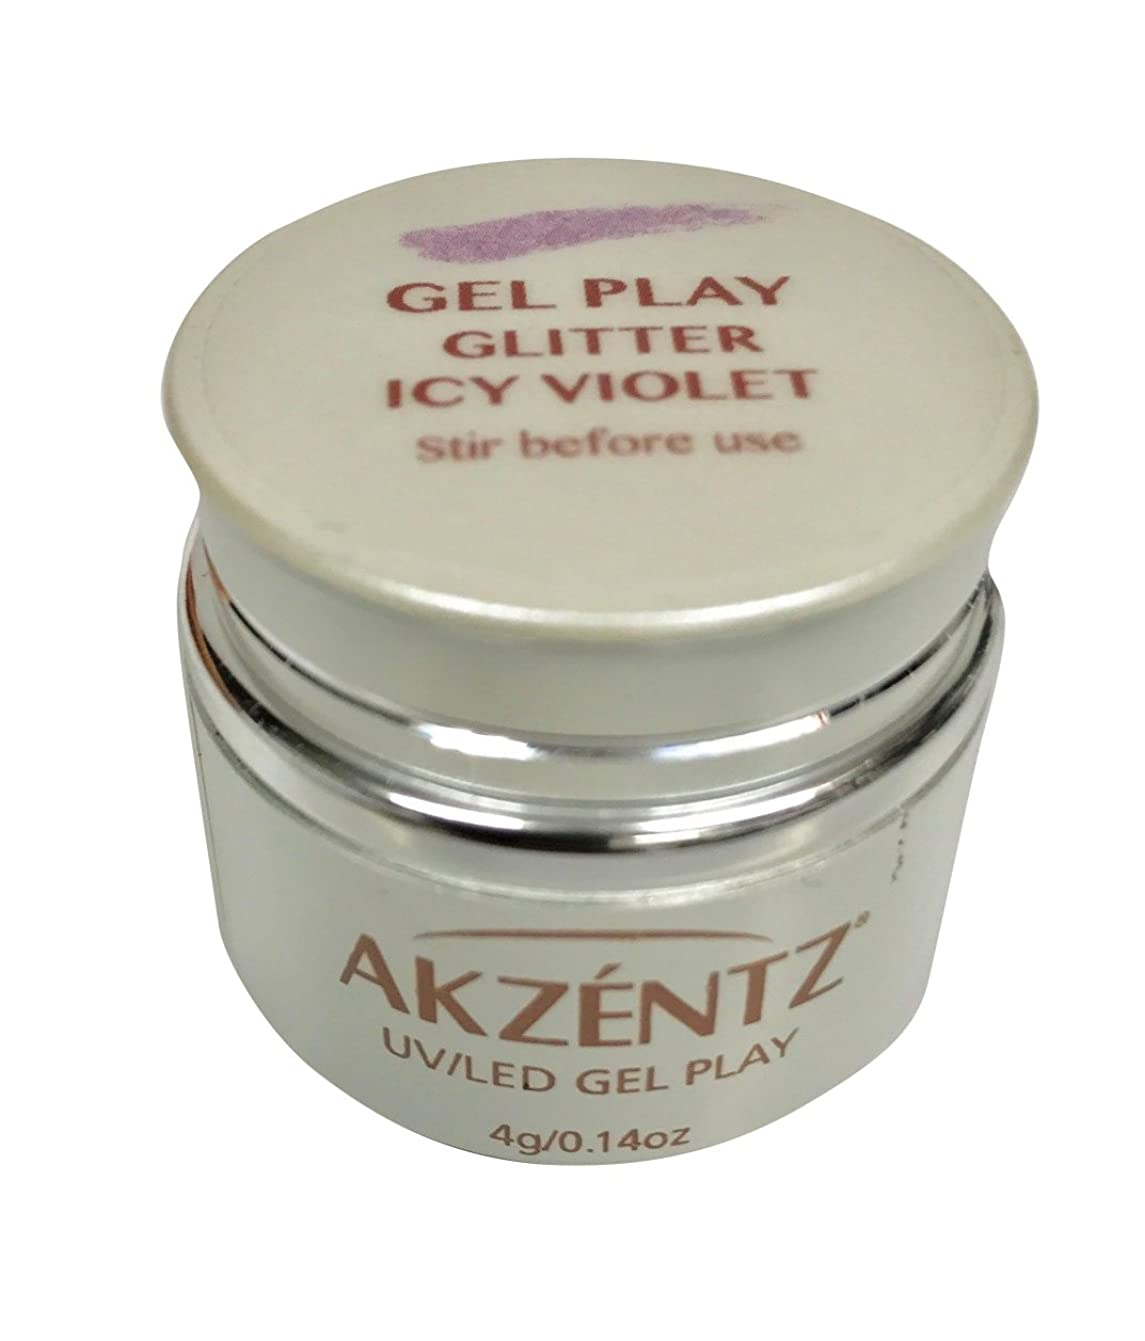 スカリー洗剤到着AKZENTZ(アクセンツ) UV/LED ジェルプレイ グリッター アイシーバイオレット 4g